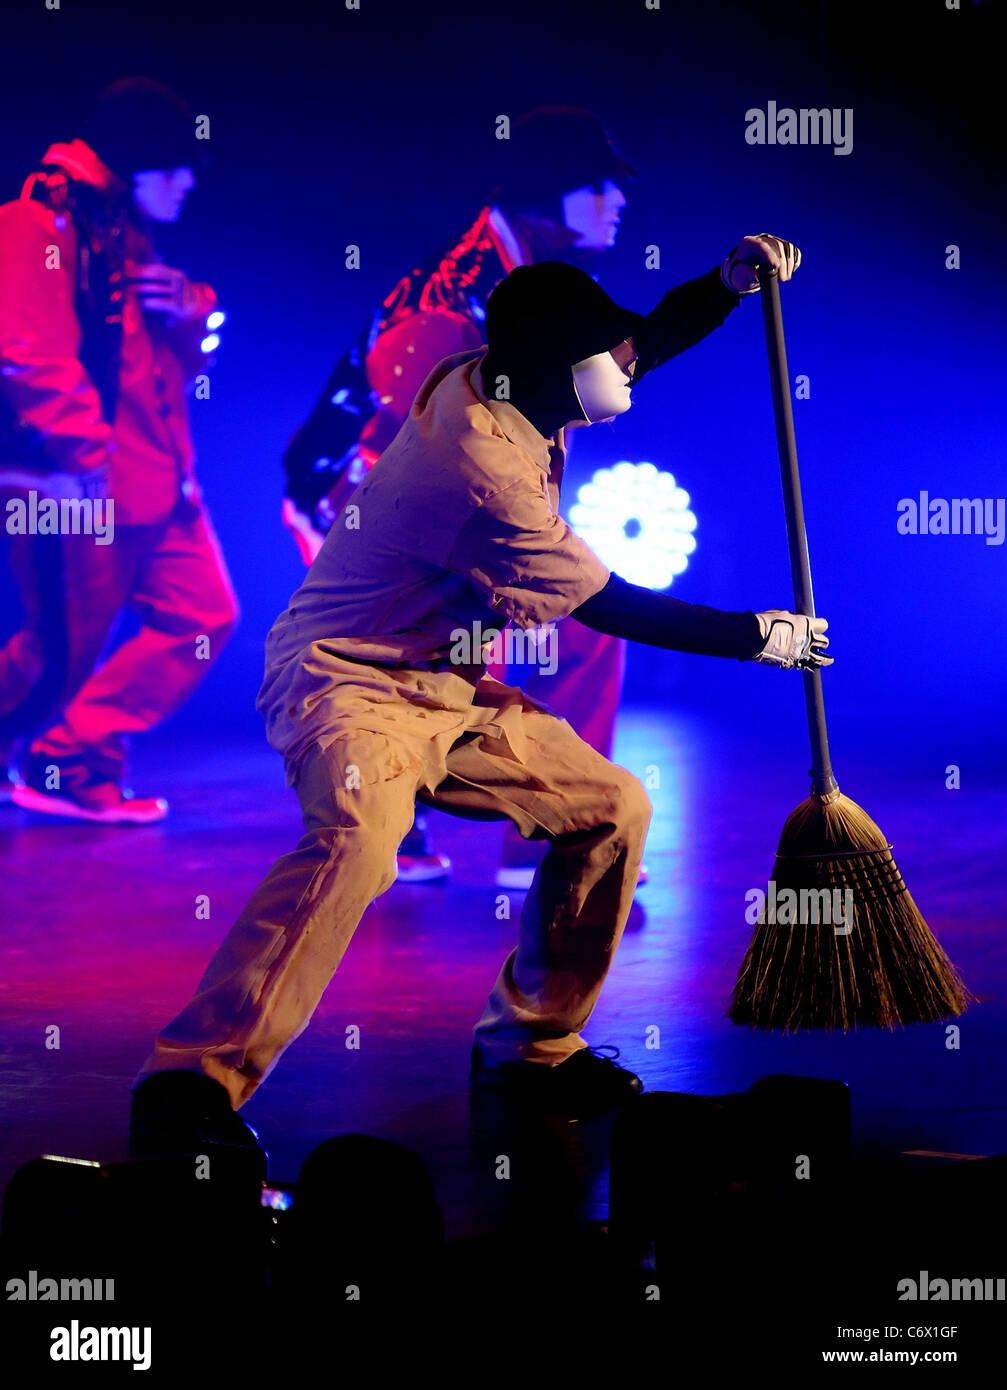 Jabbawockeez World Famous Dance Crew Stock Photos & Jabbawockeez